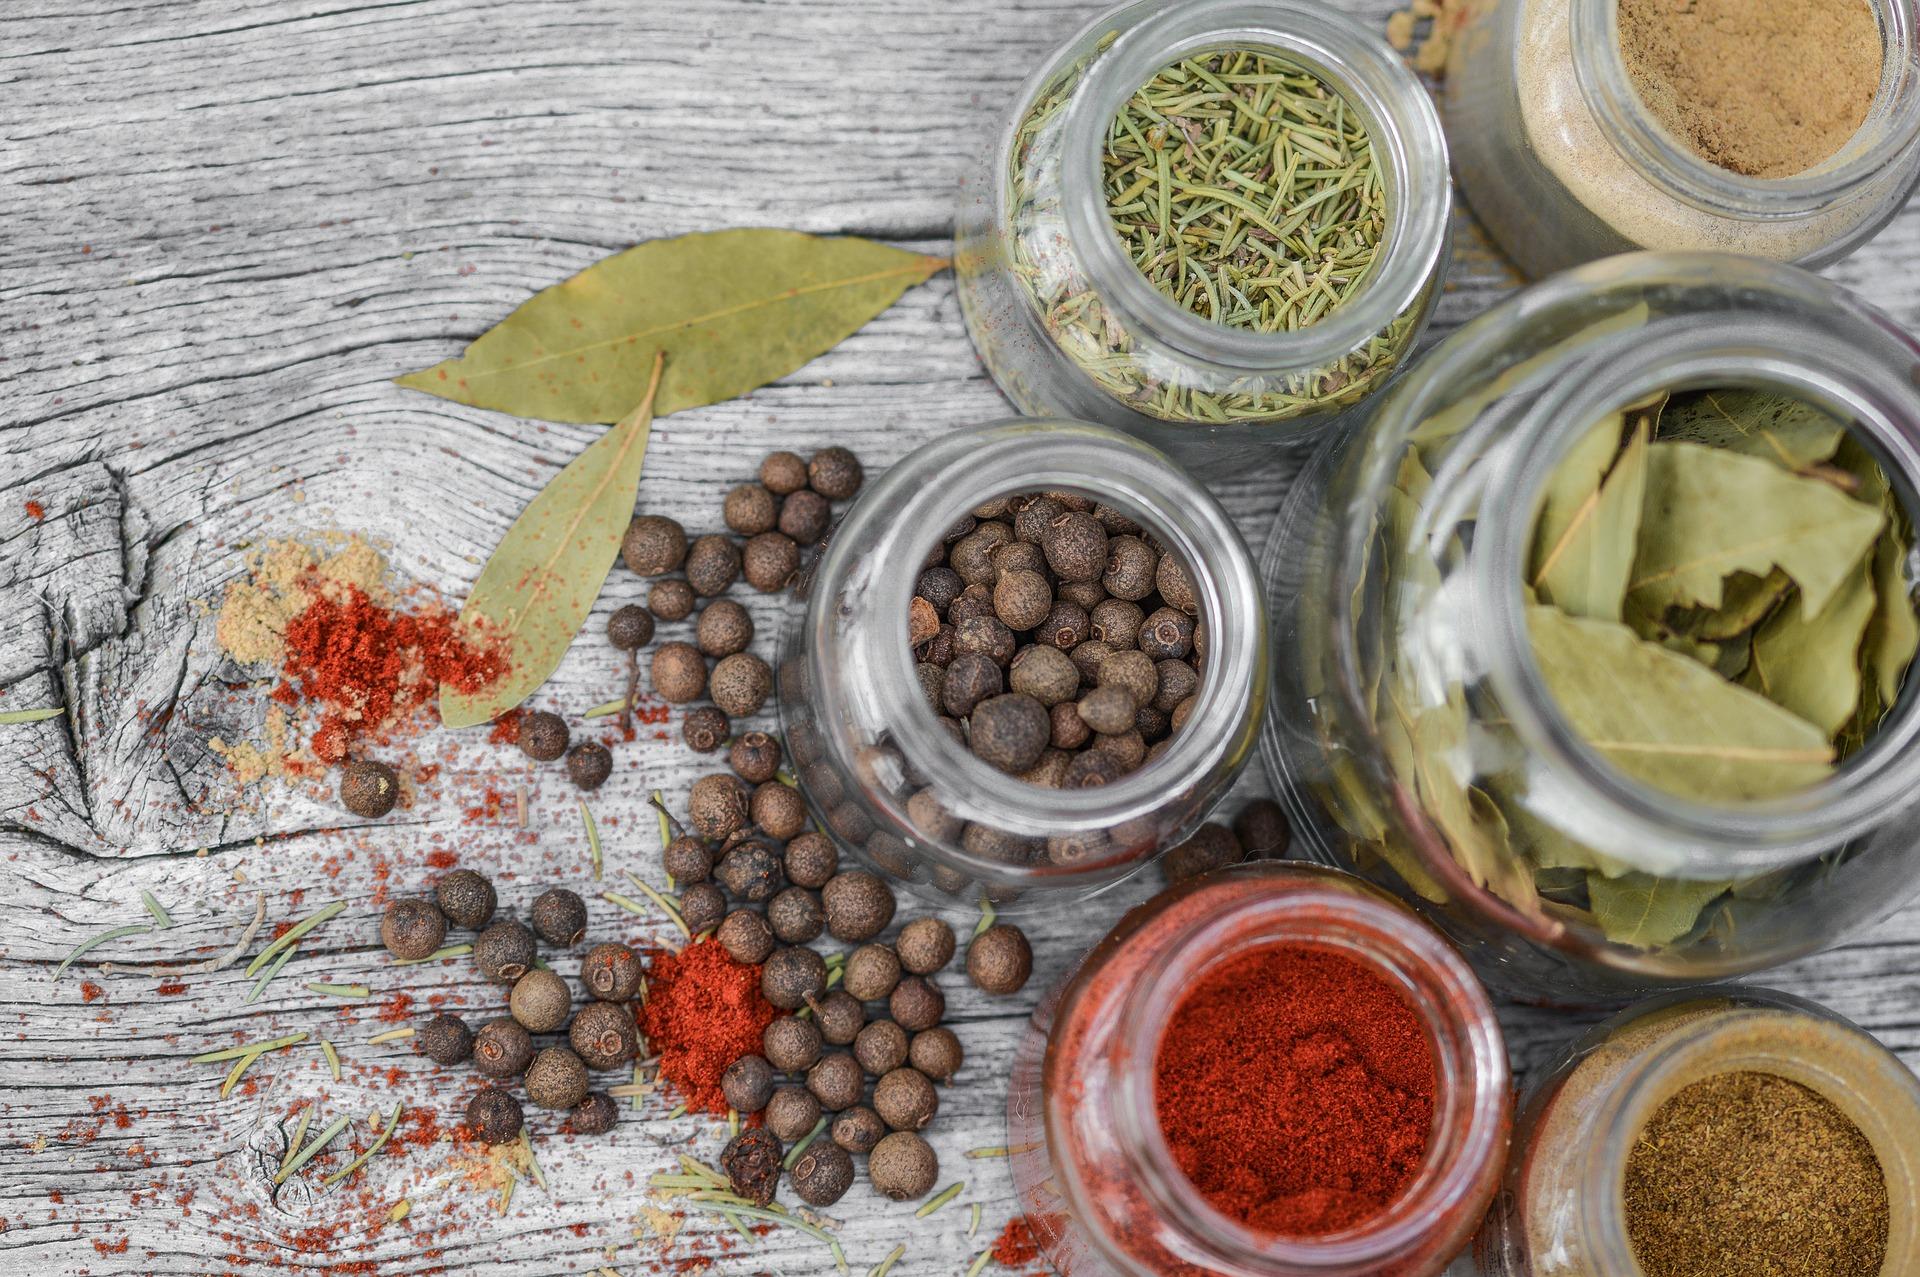 Bitterstoffe – Mittel für lange Gesundheit